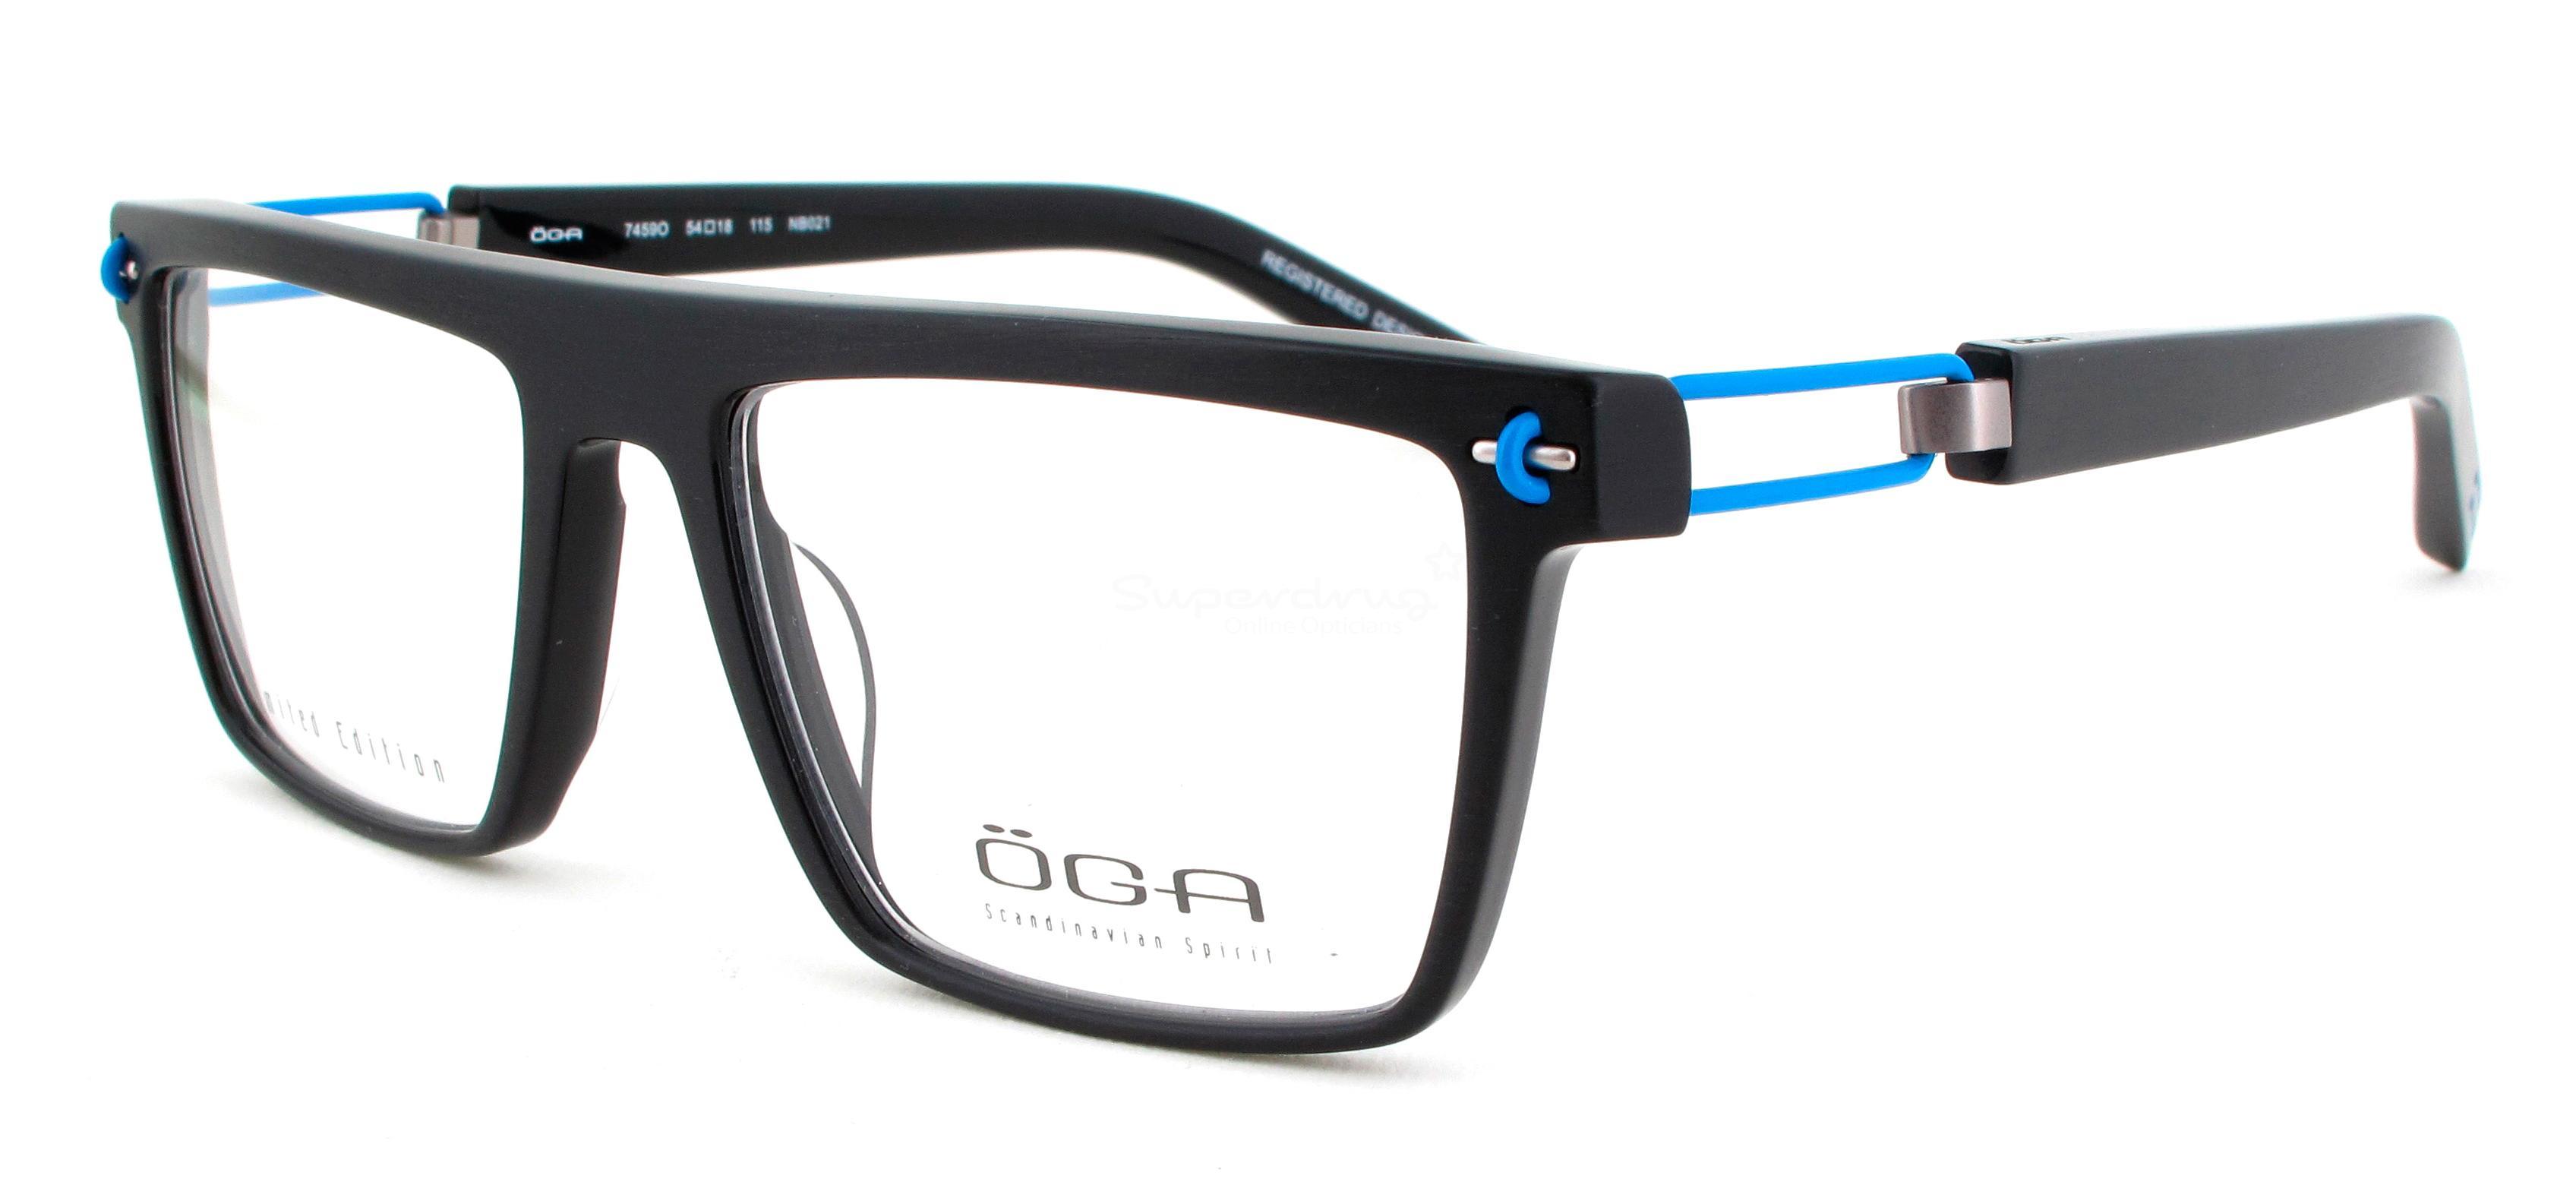 NB021 7459O TRAD 1 Glasses, ÖGA Scandinavian Spirit